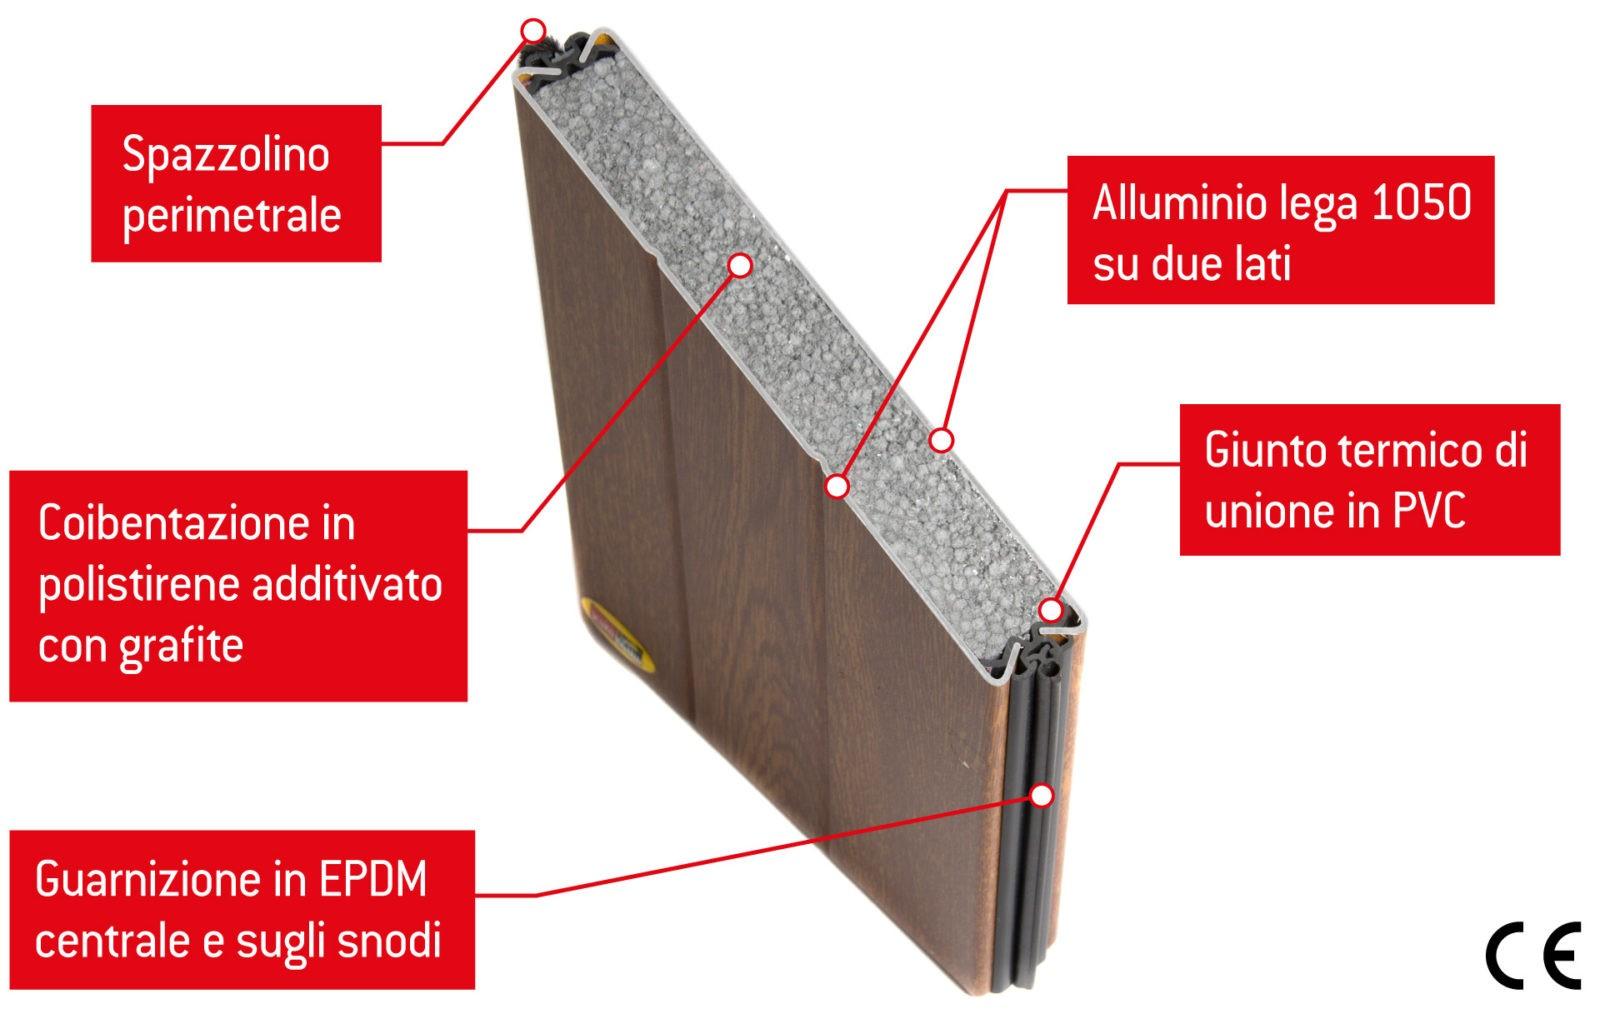 scurotherm-taglio-termico-sezione-etichette-IMG_7551